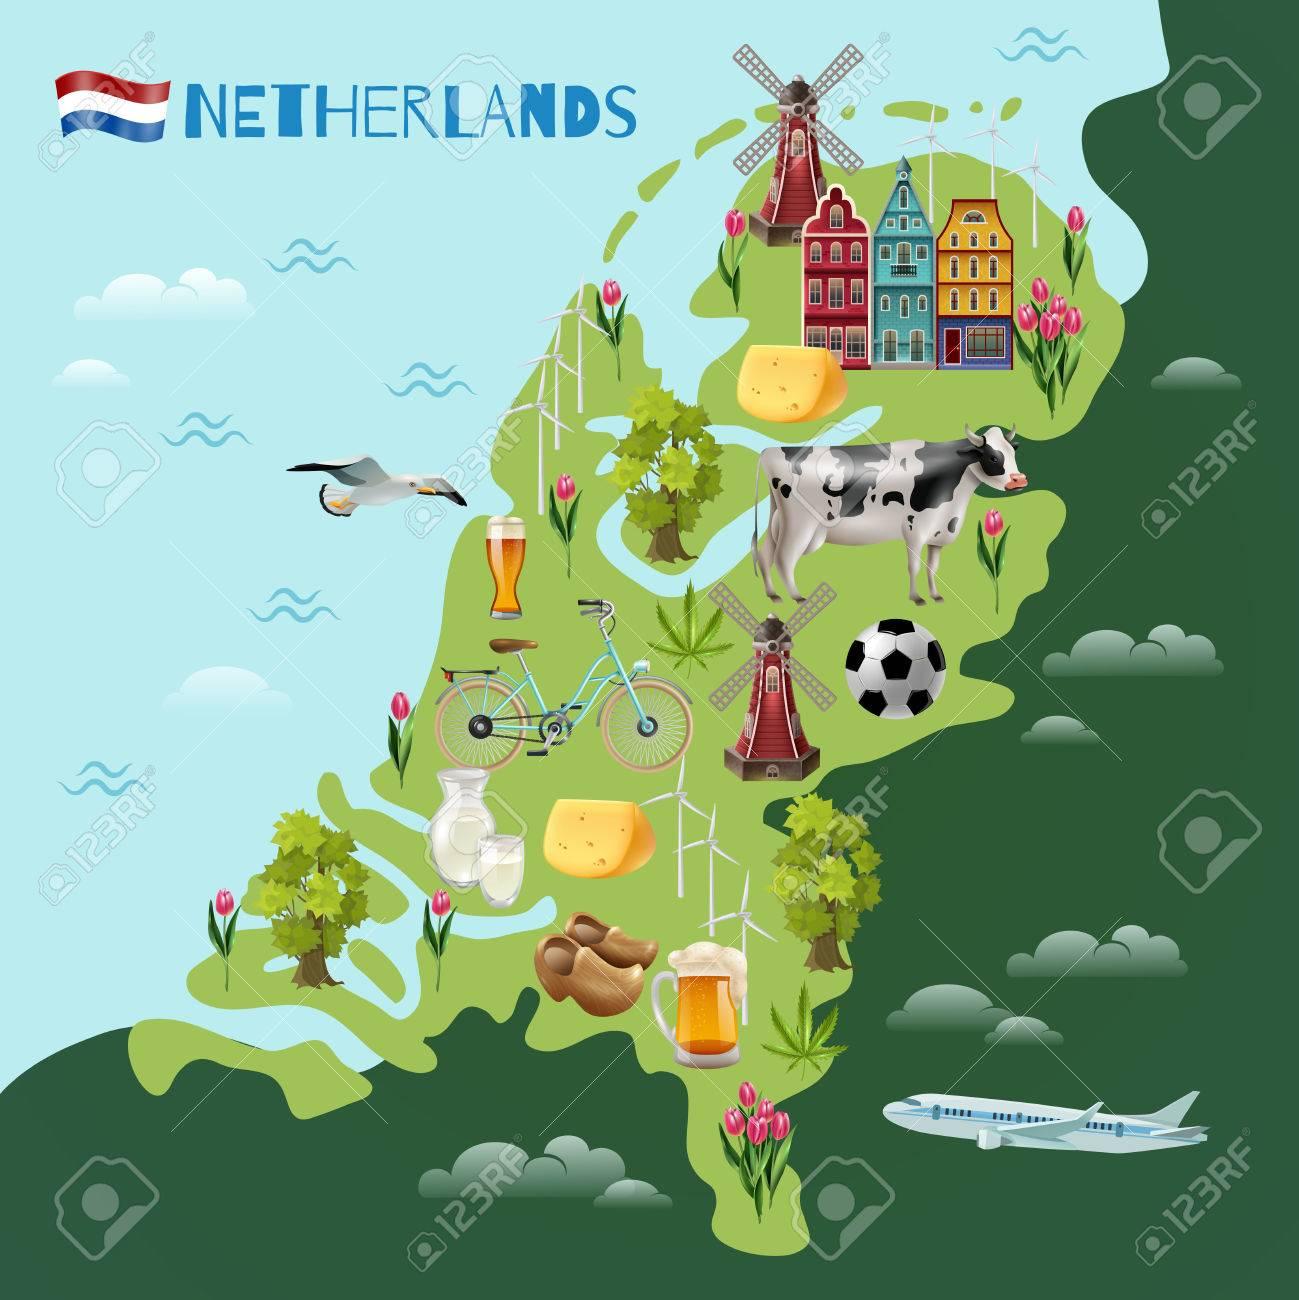 windmühlen holland karte Holland Reise Sightseeing Karte Mit Kultur Traditionen Nationalen